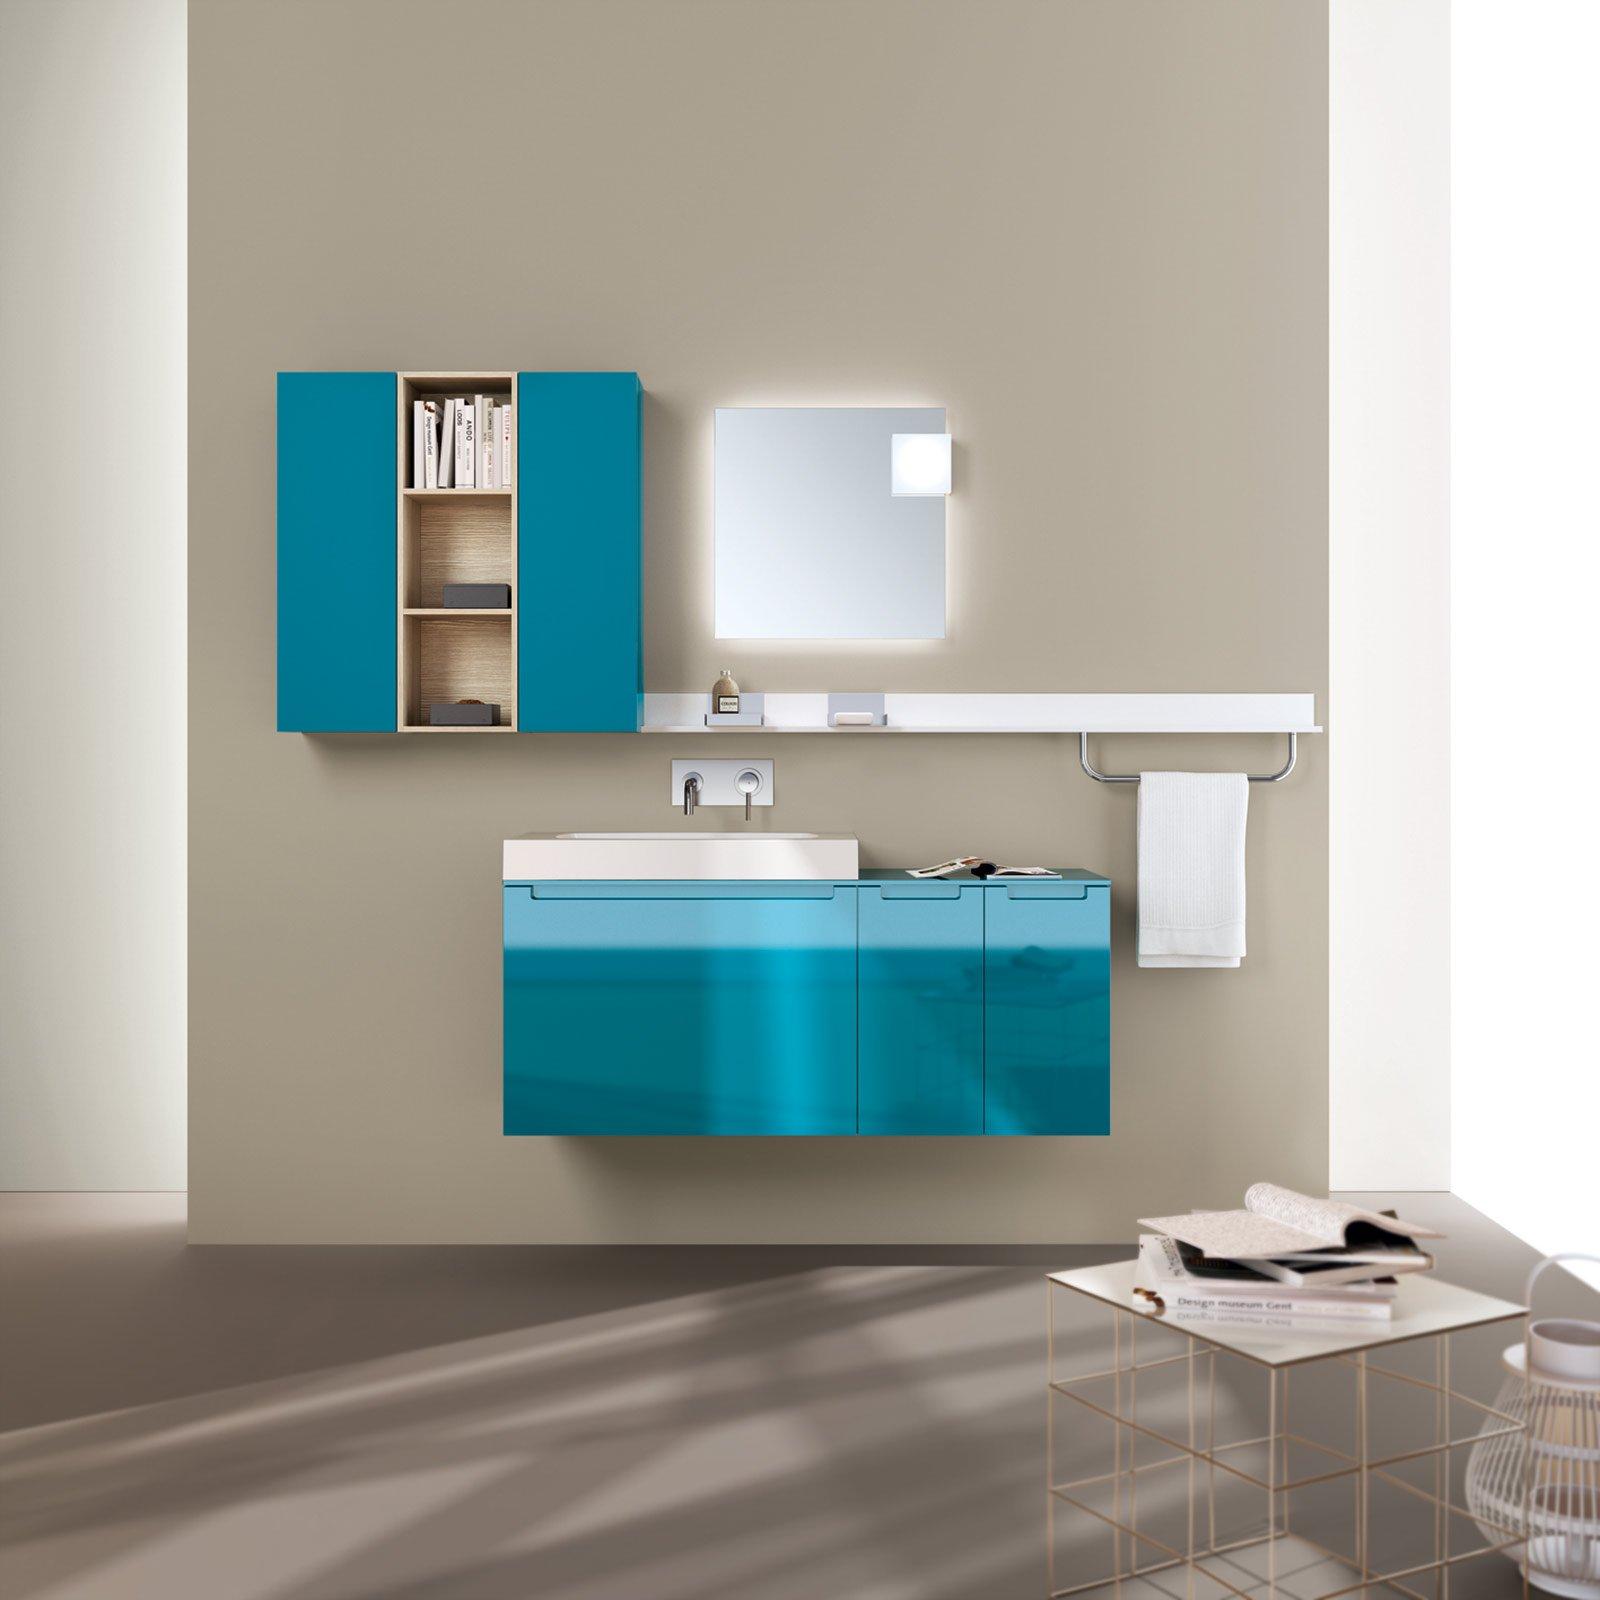 Clicca Sulle Immagini Per Vederle Fullscreen #027288 1600 1600 Pensili E Basi Cucina Ikea